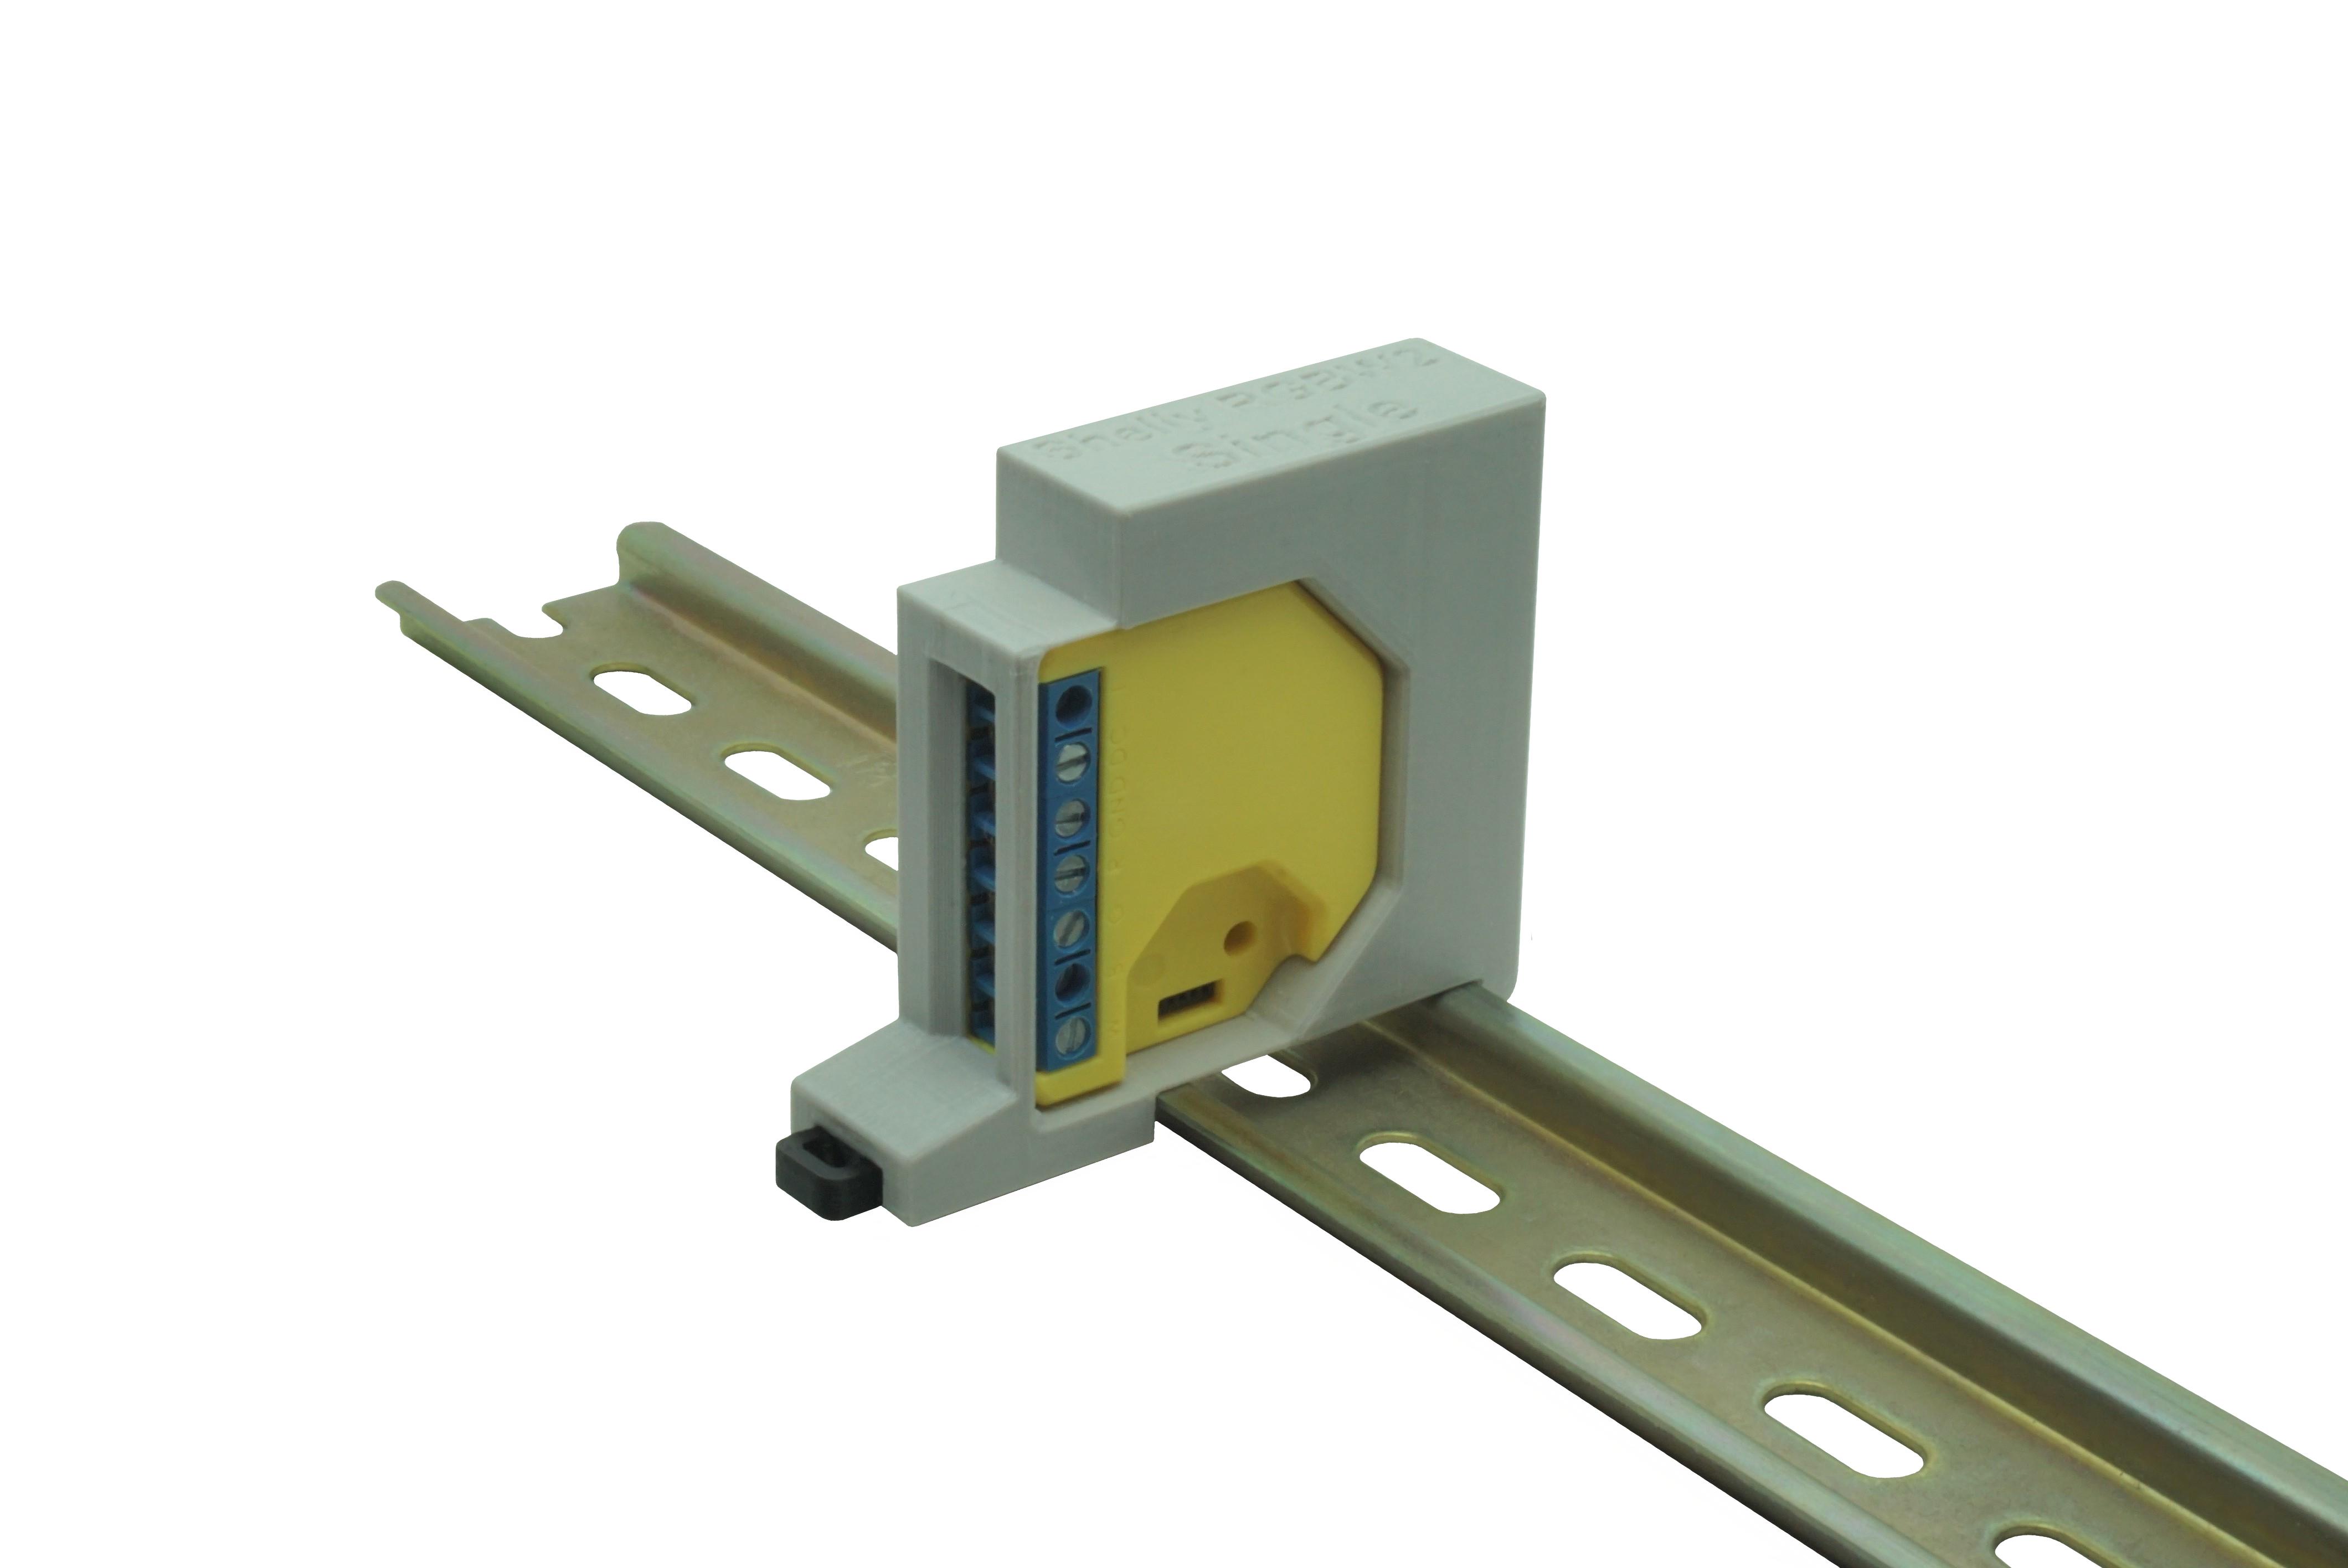 Hutschienenhalter / Adapter Single für Shelly RGBW 2, für DIN Schiene 35mm, Farbe: Grau